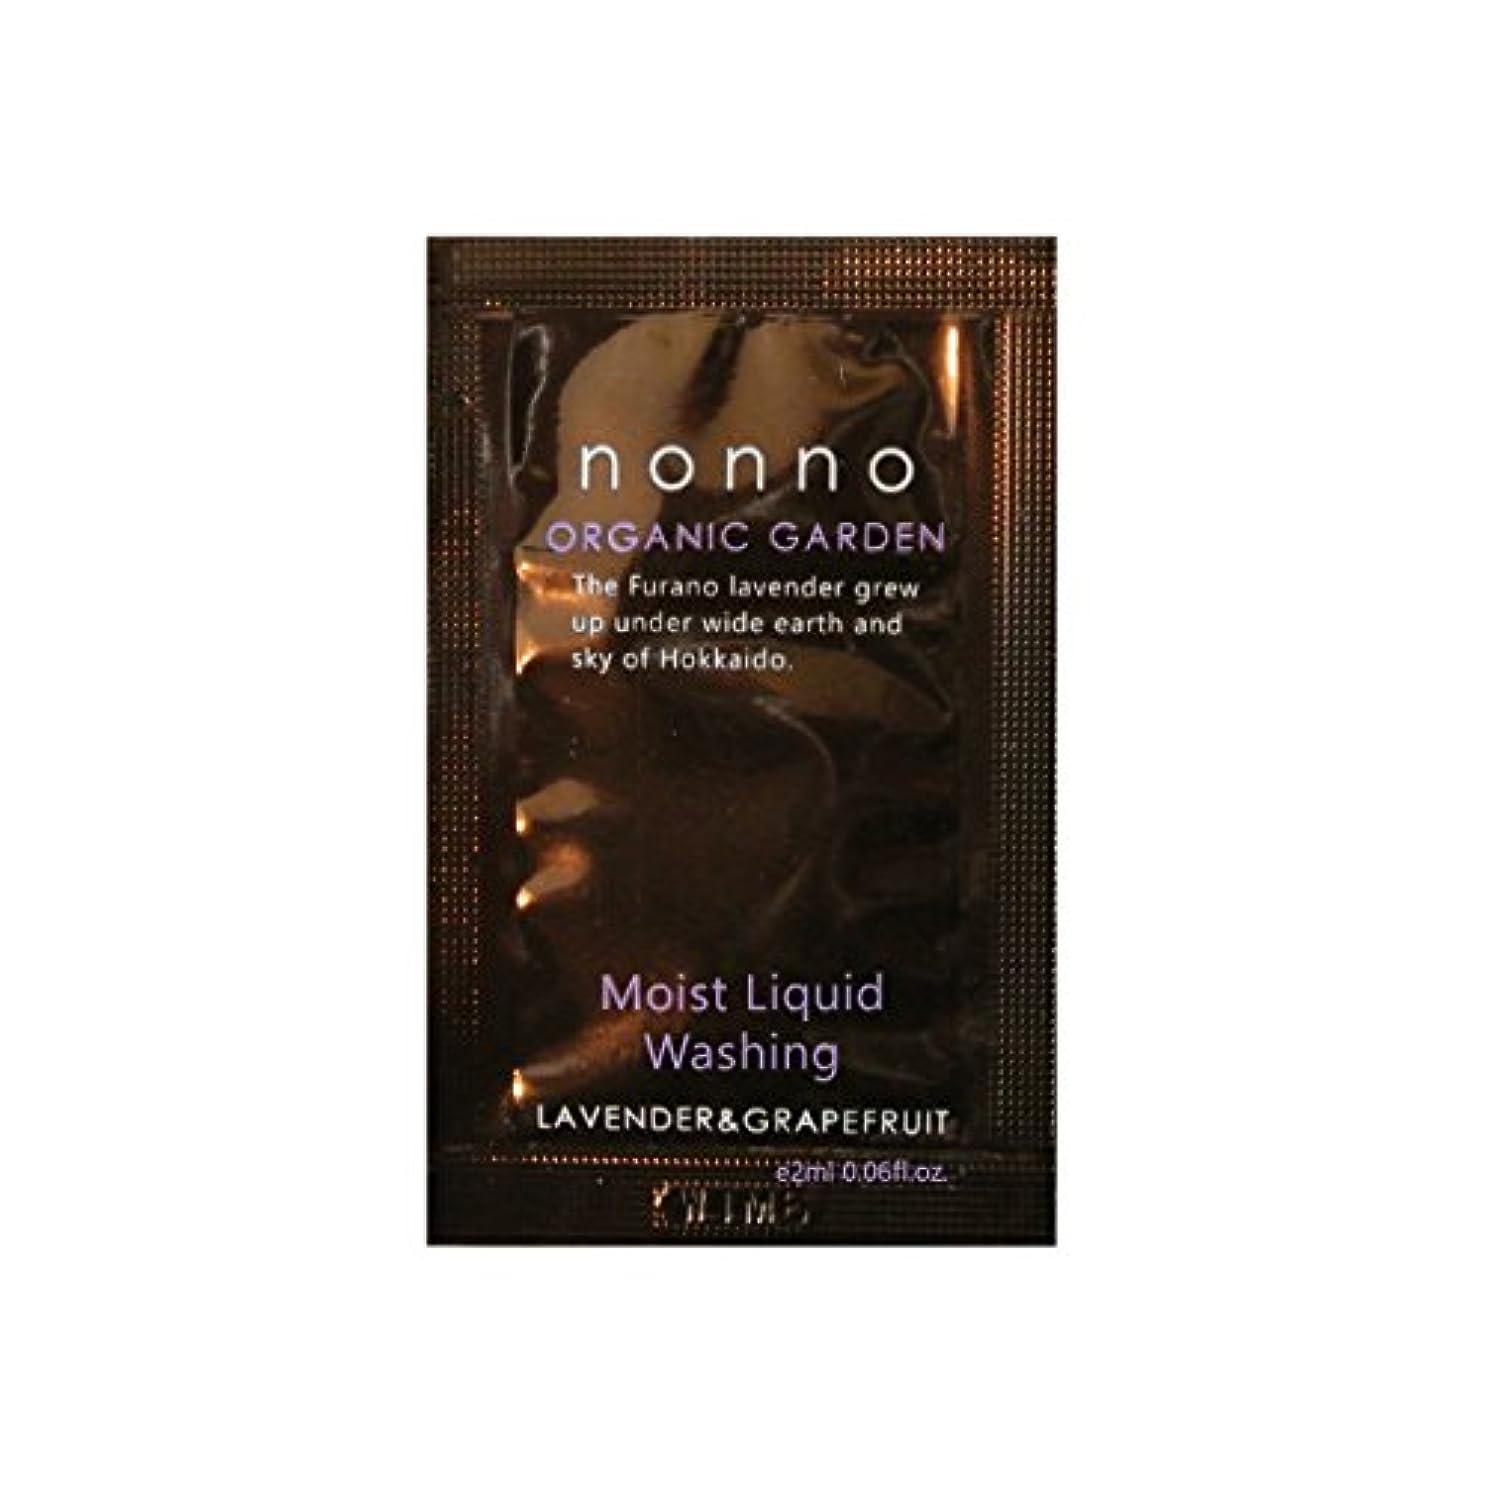 添加剤鎮静剤味わうノンノ モイストリキッド ウォッシング パウチ 100包